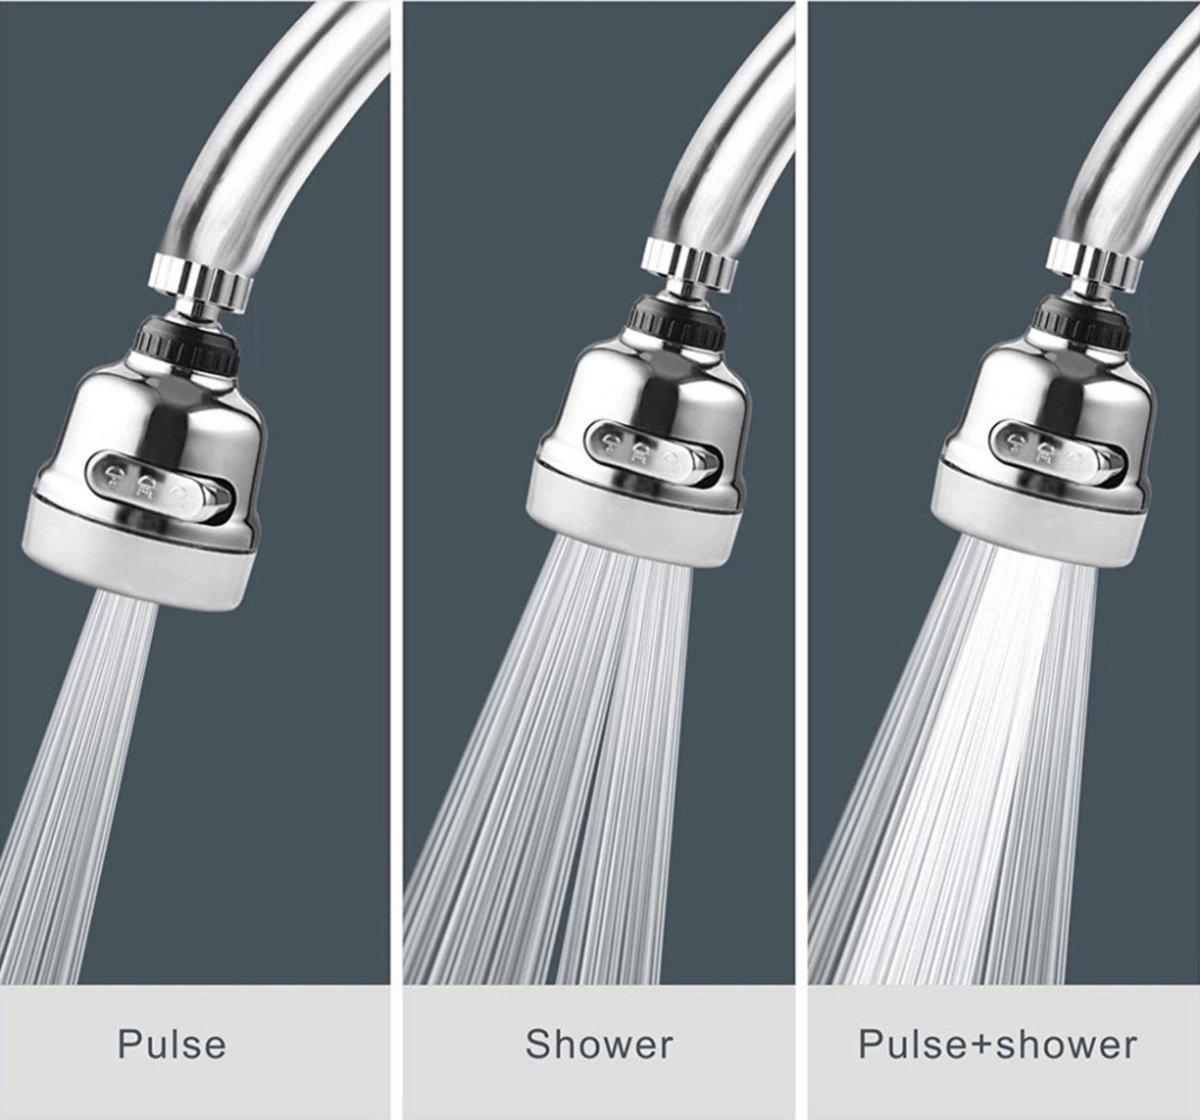 Kraan kop zilver - Waterbesparende kraankop - Krachtige kraankop - Hogedruk kraan - Roterende sproei